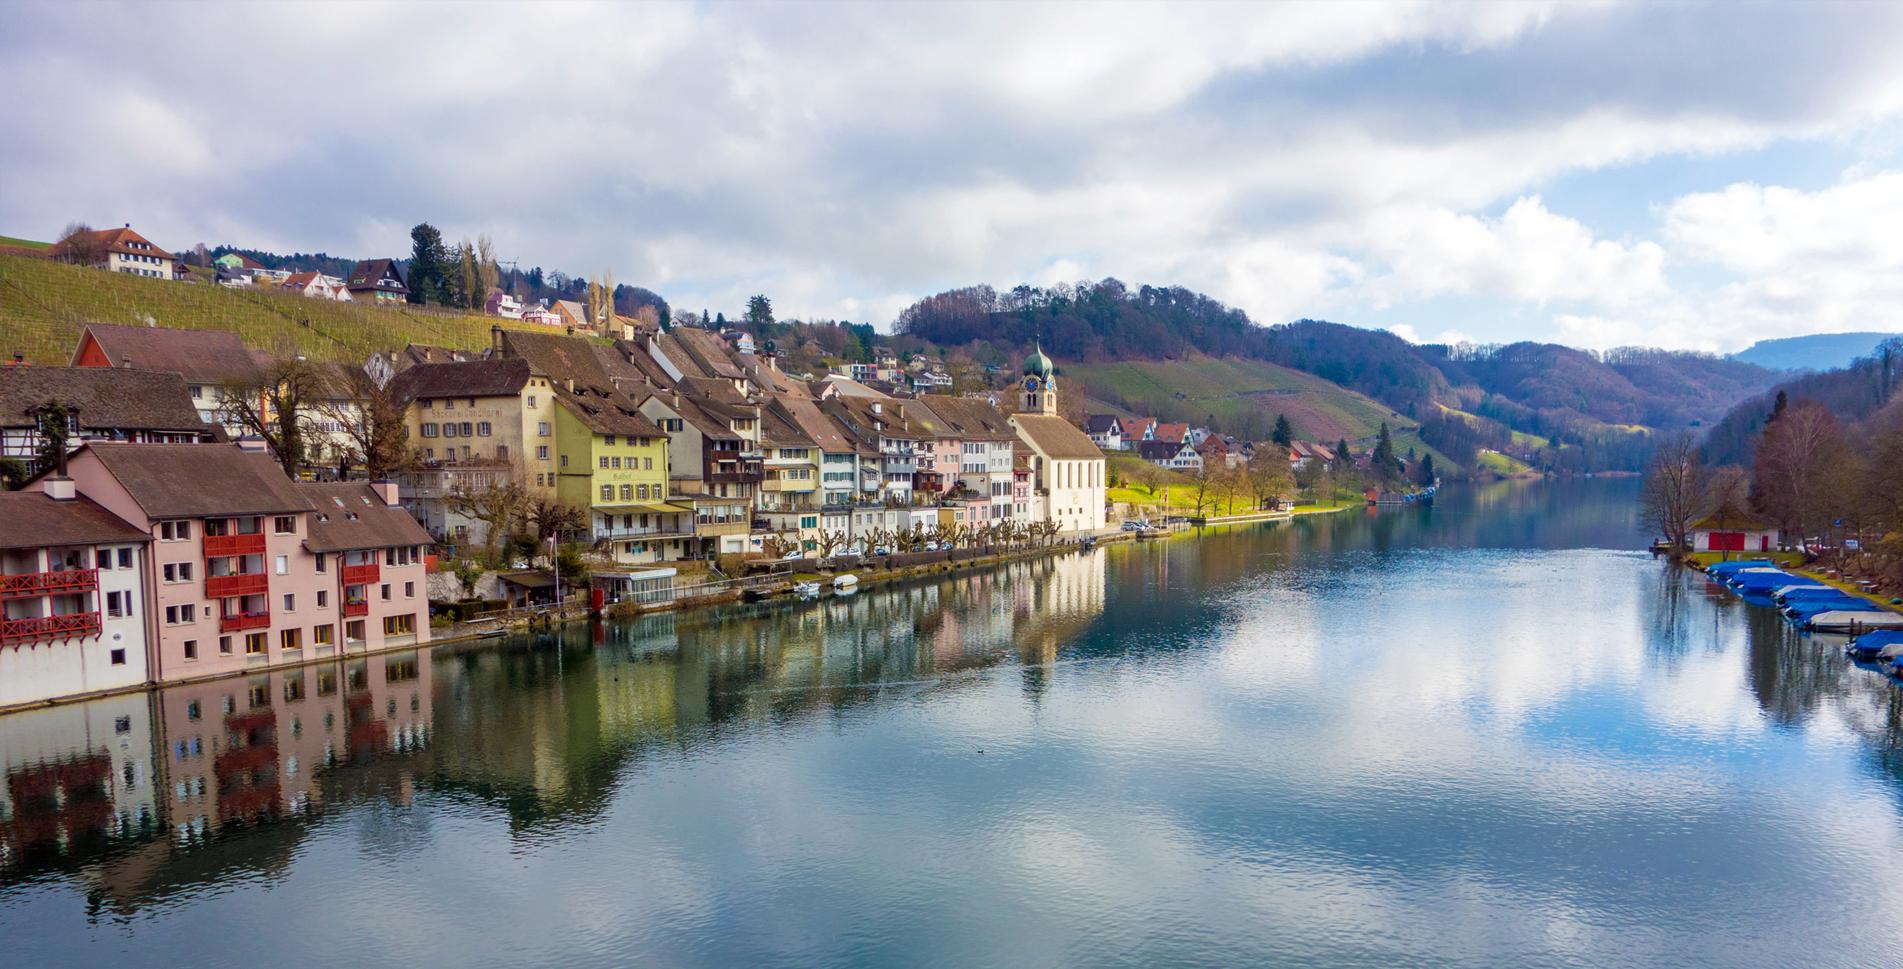 Flusswanderung von Eglisau nach Flaach dem Rhein entlang